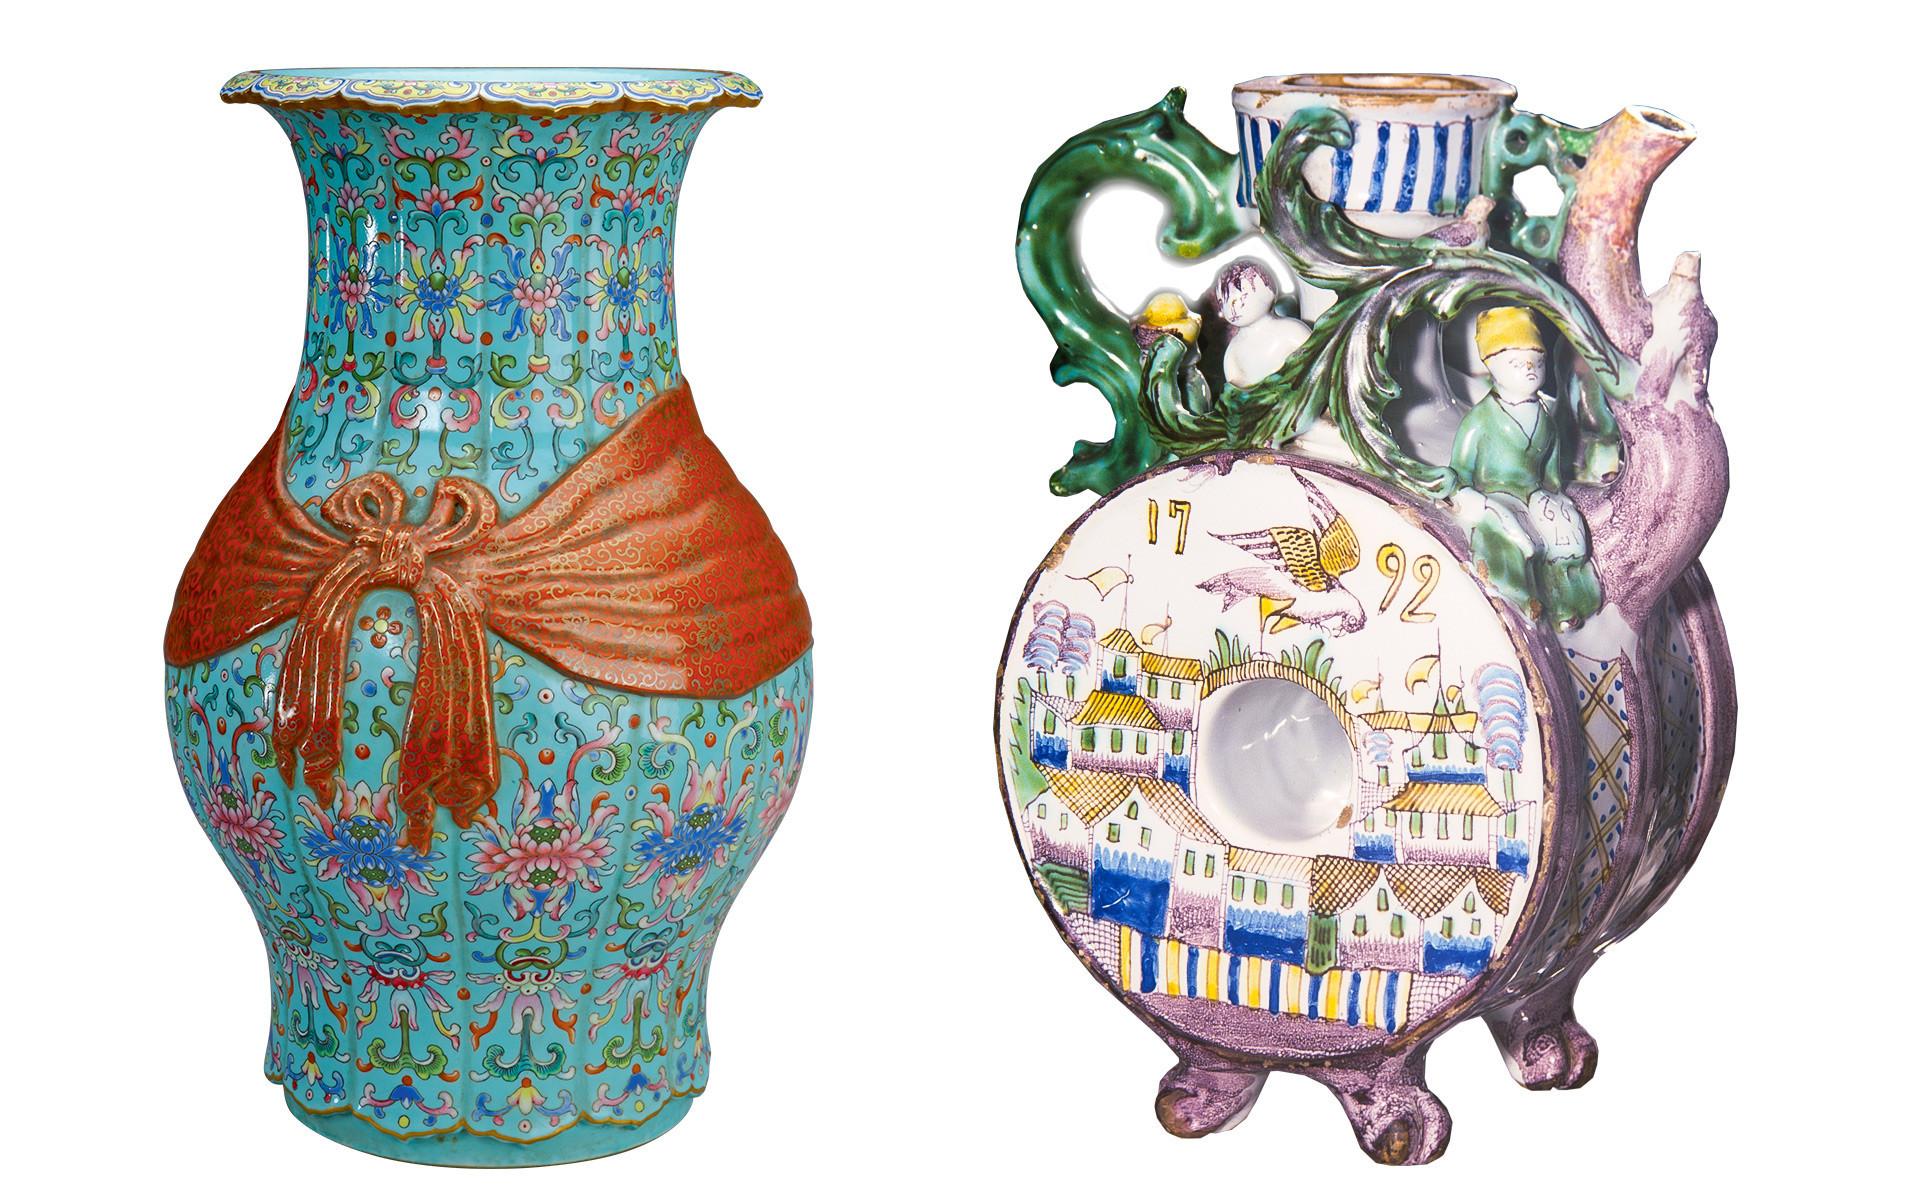 """Лево: Баофу ваза. Династија Ќинг, владеење на Чијанлонг (1736-1796). Десно Врч. Мајолика, 18 век. Изложба """"Гжељ. 650 години"""" во Централниот дом на уметниците во Москва."""